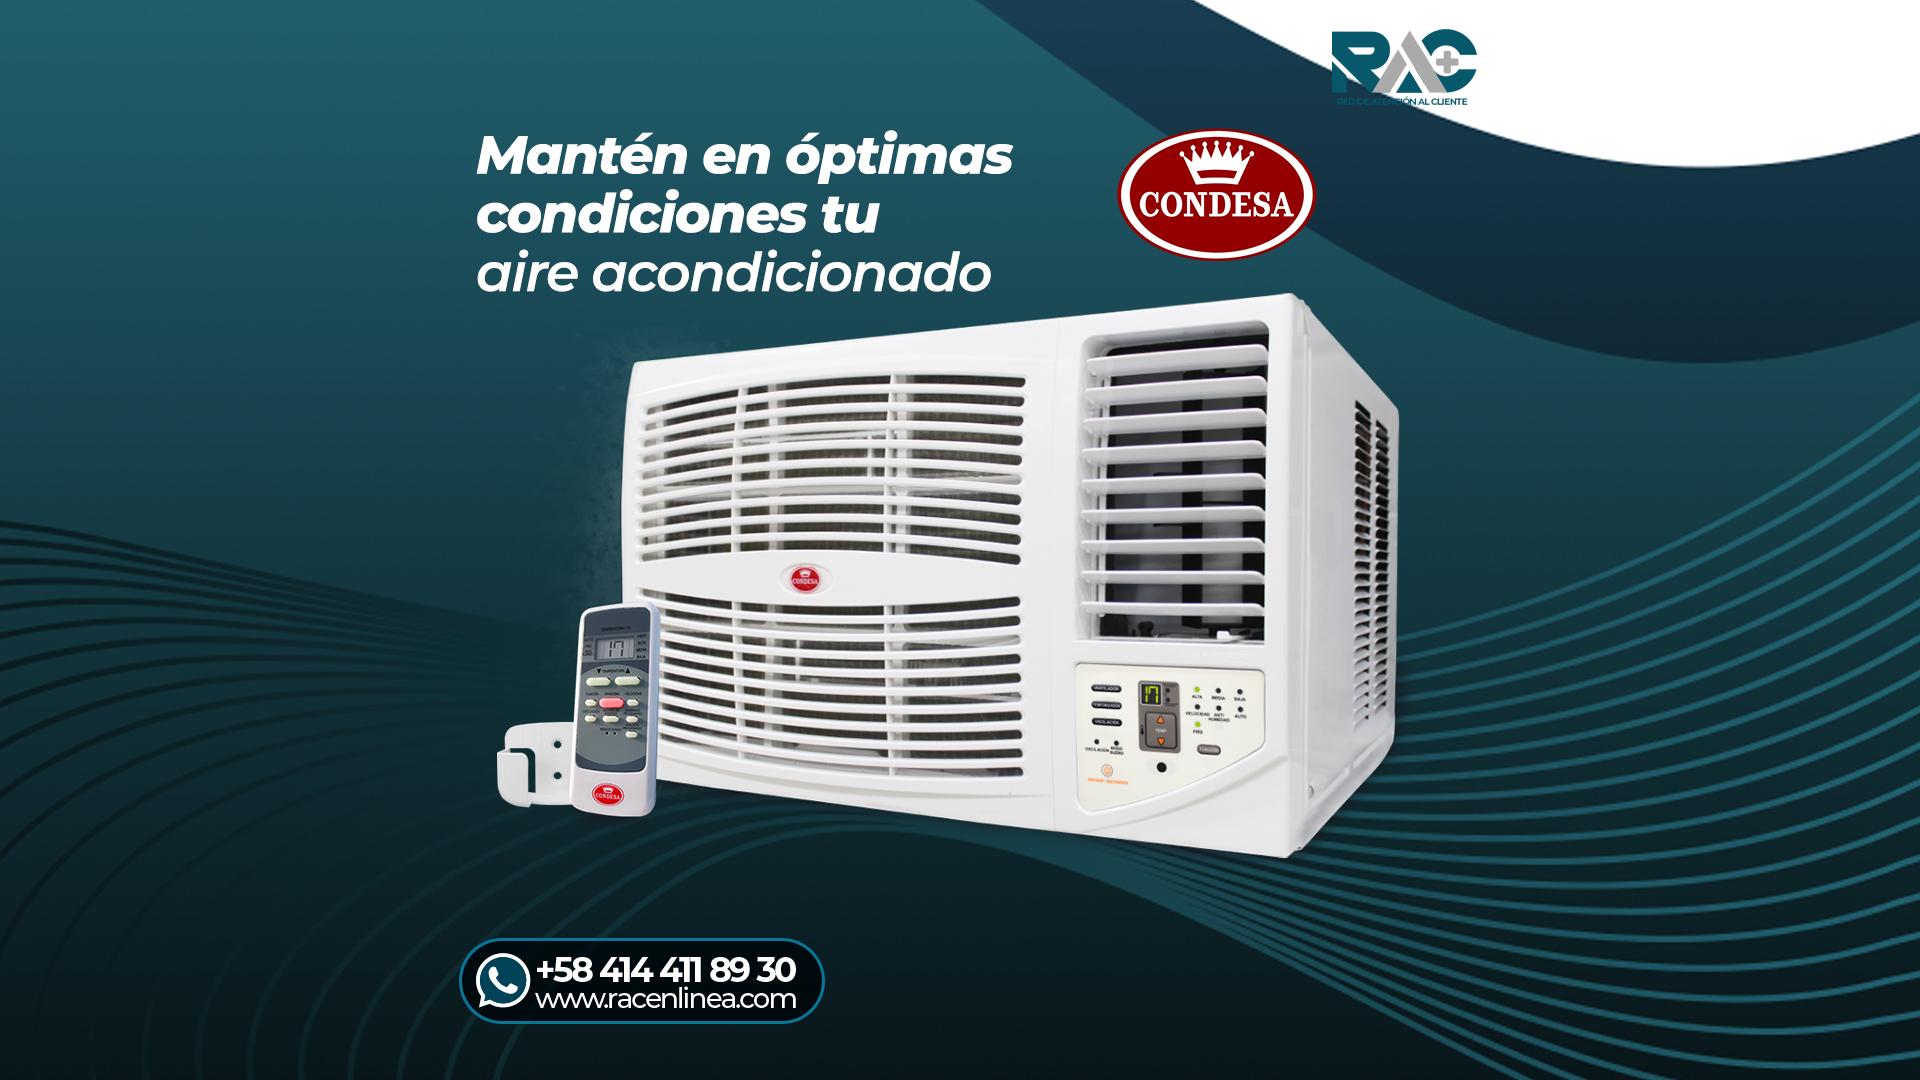 Mantenimiento a Aires Acondicionados Condesa